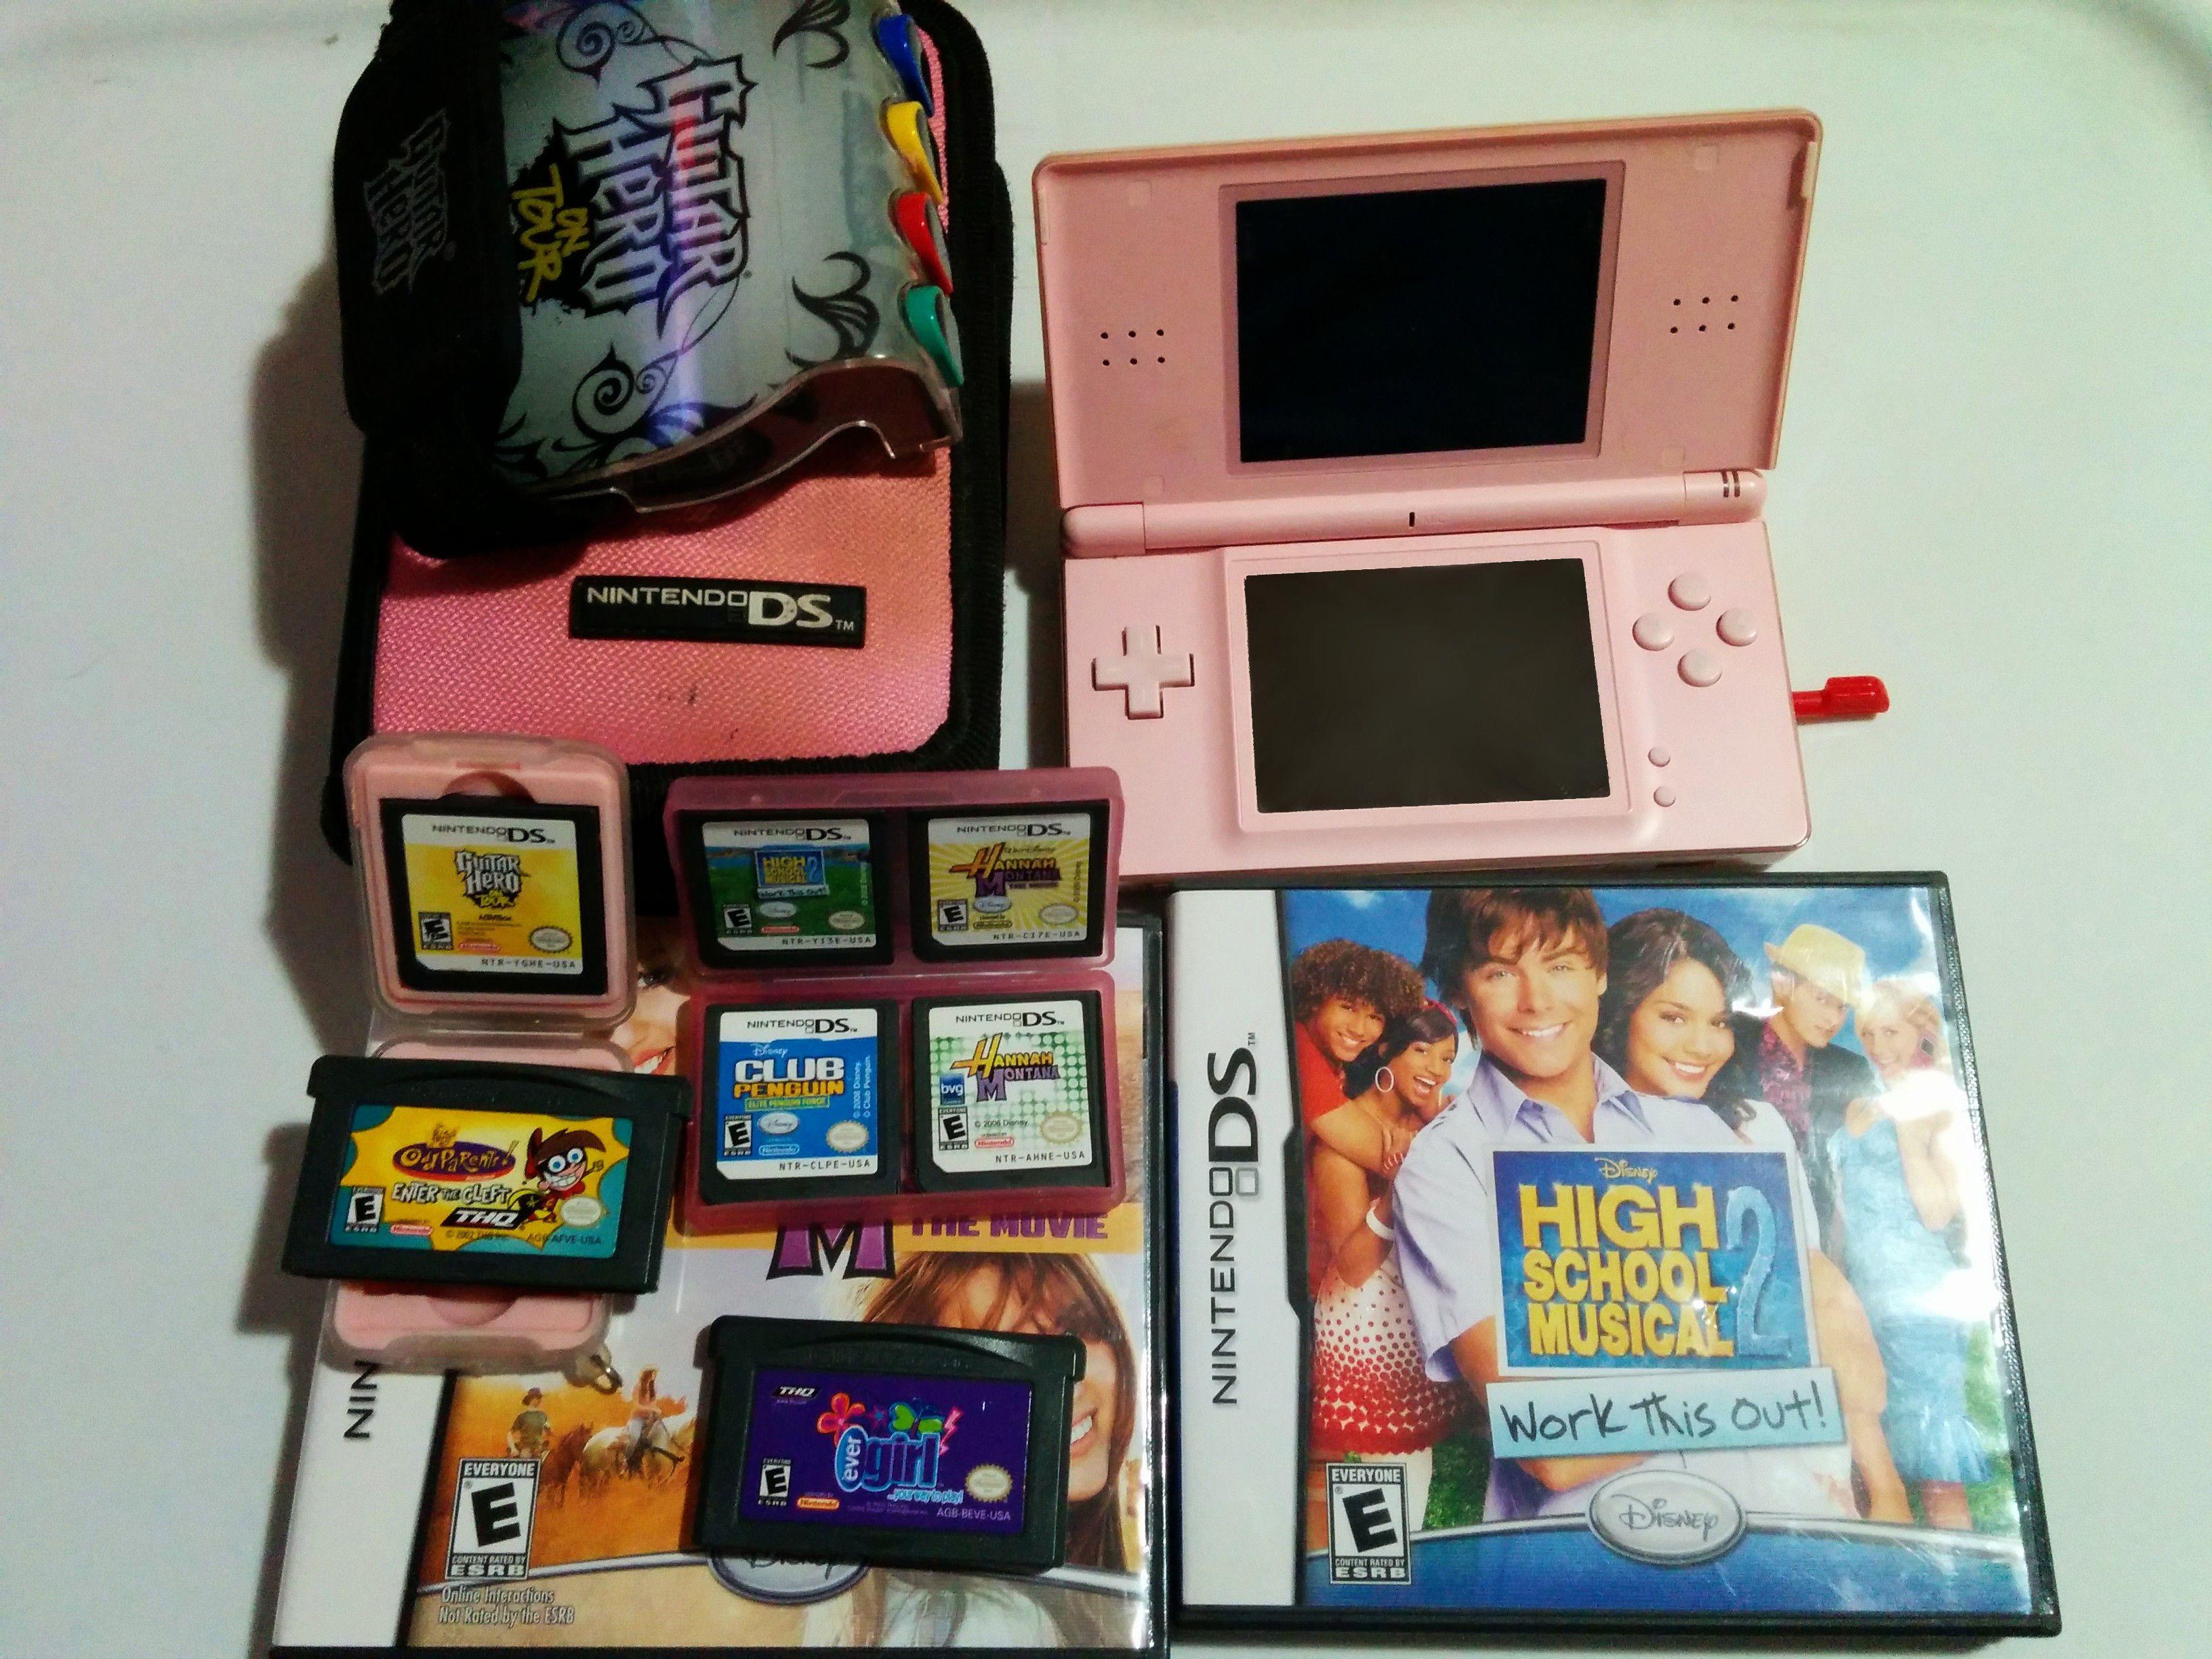 COMBO: Nintendo DS Rosa + 8 Juegos + Accesorios  -- SOLO CAMBIOS S.L.P. --   Busco consolas, juegos y accesorios Retro y Coleccionables de NINTENDO, en especial oficiales (Zelda, Mario, etc).  OFERTAS SERIAS